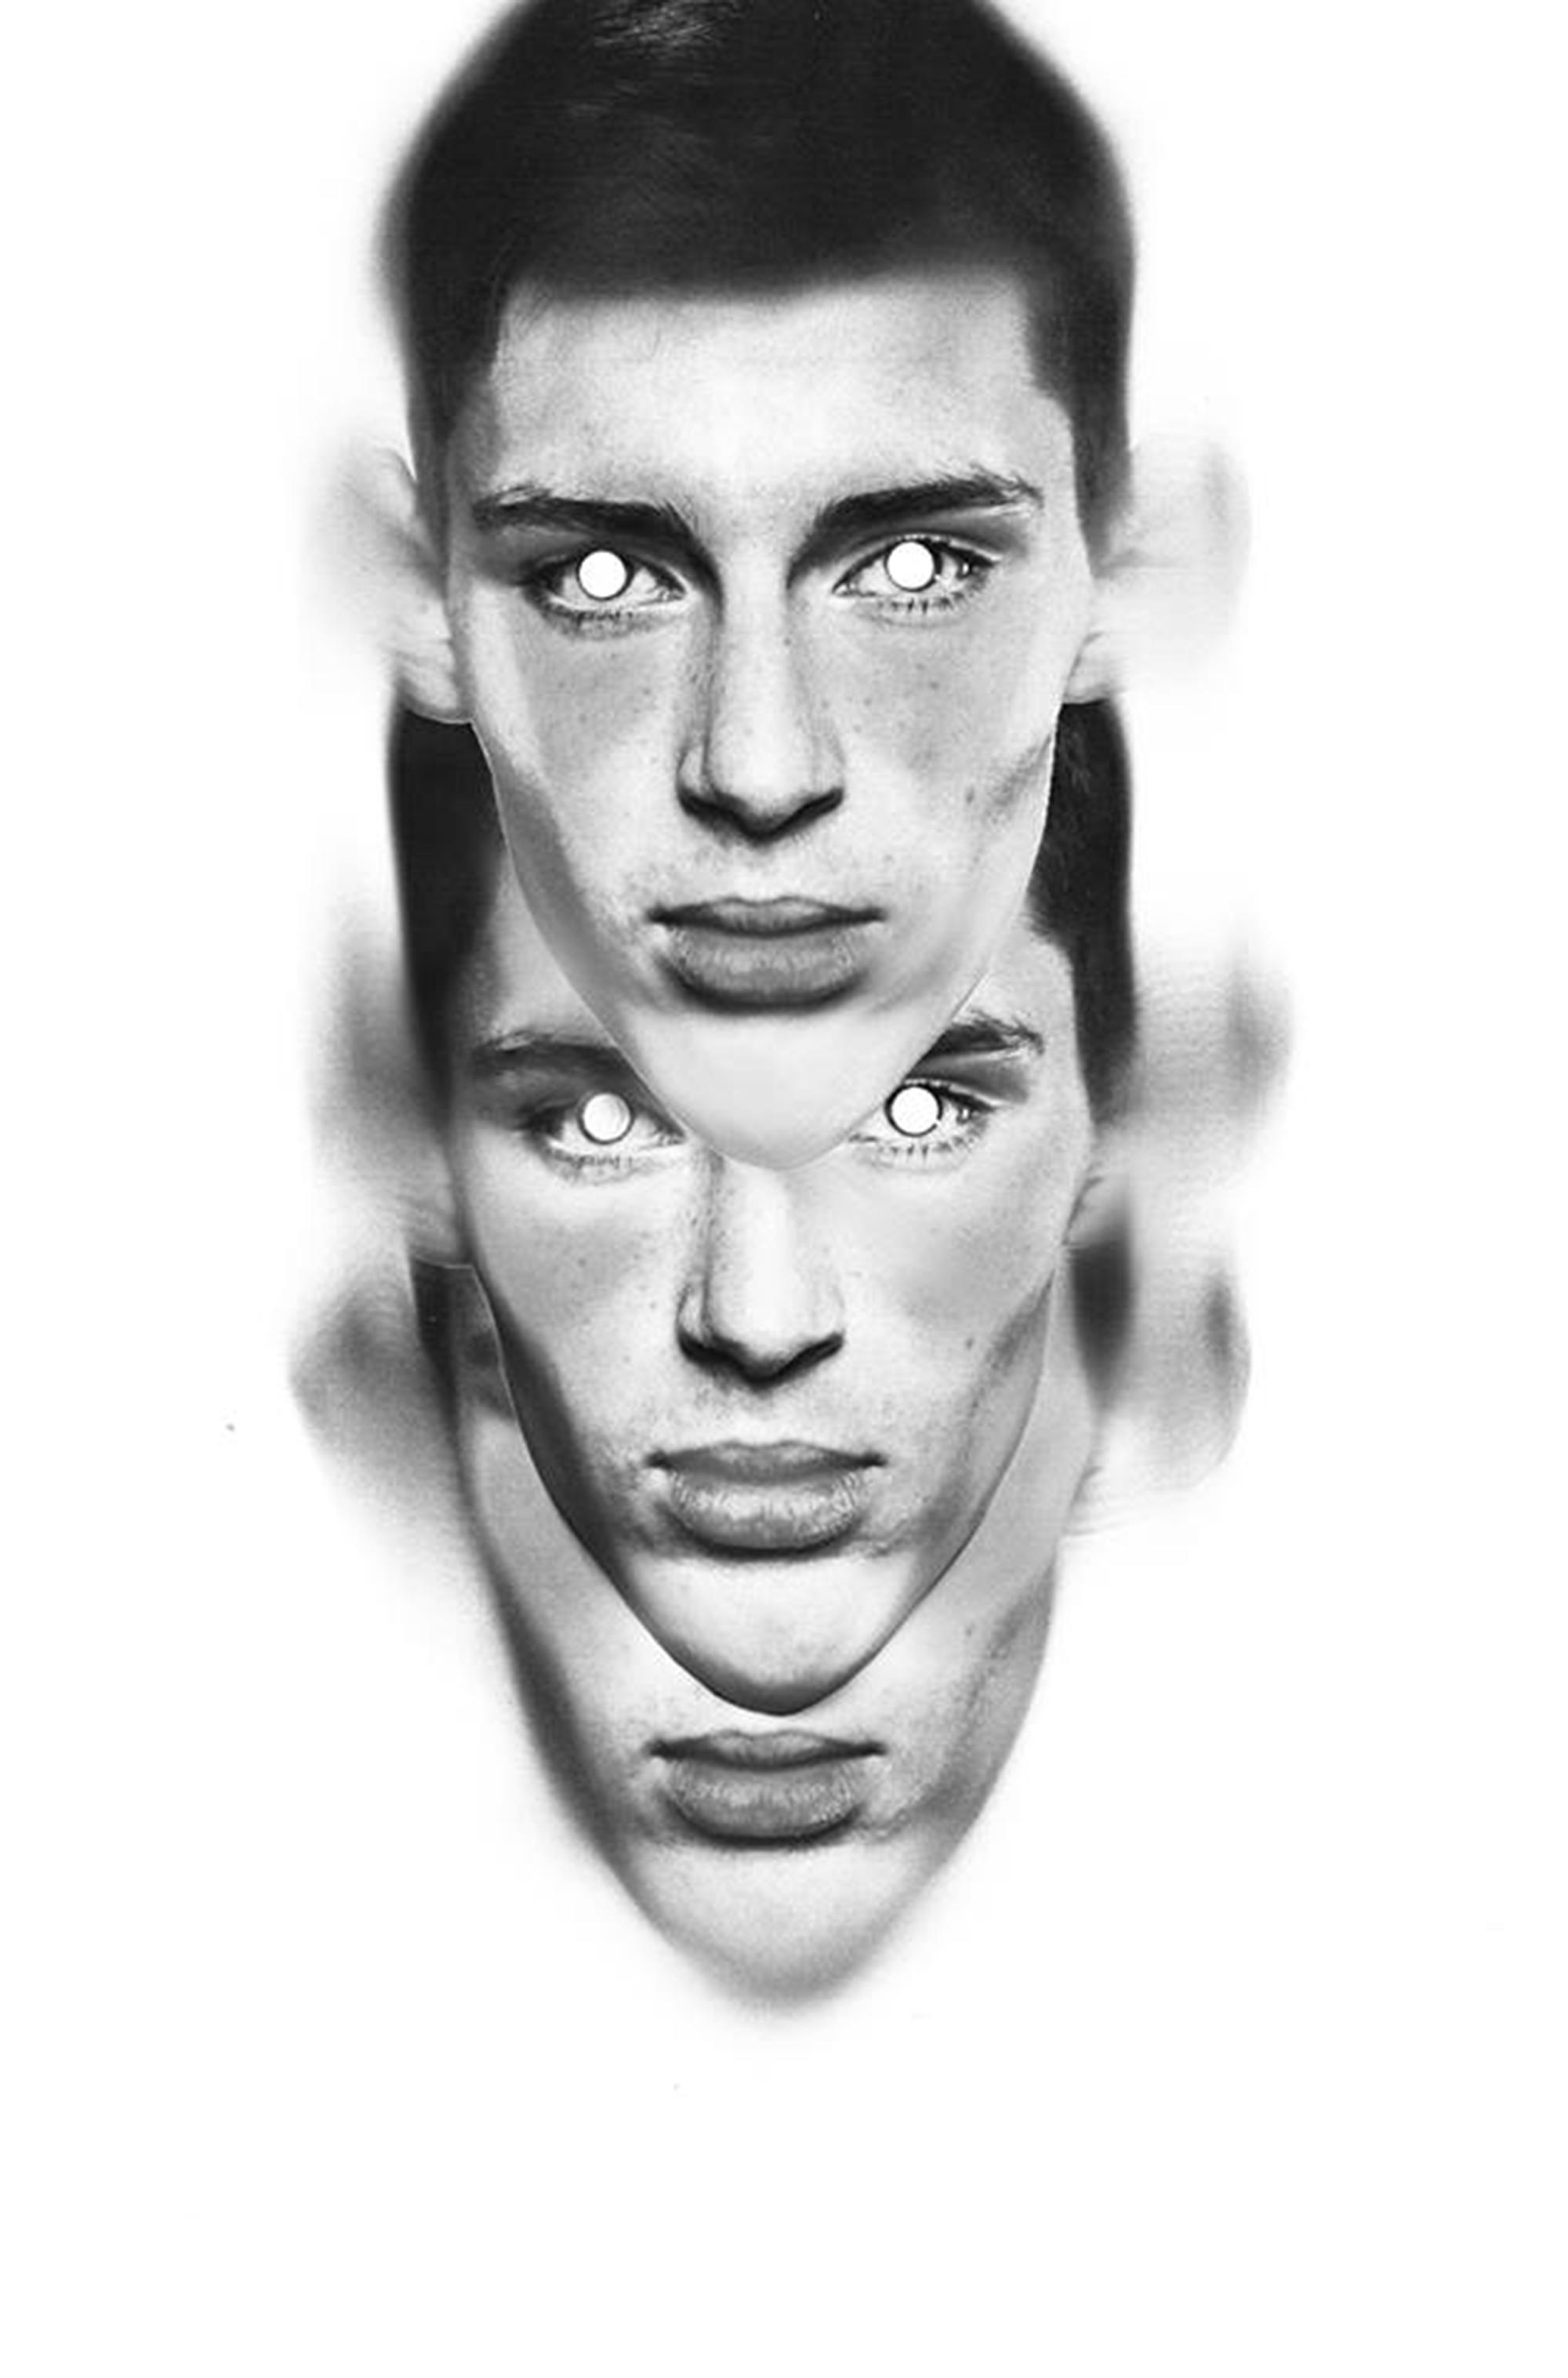 kolaz z trzech twarzy męskich